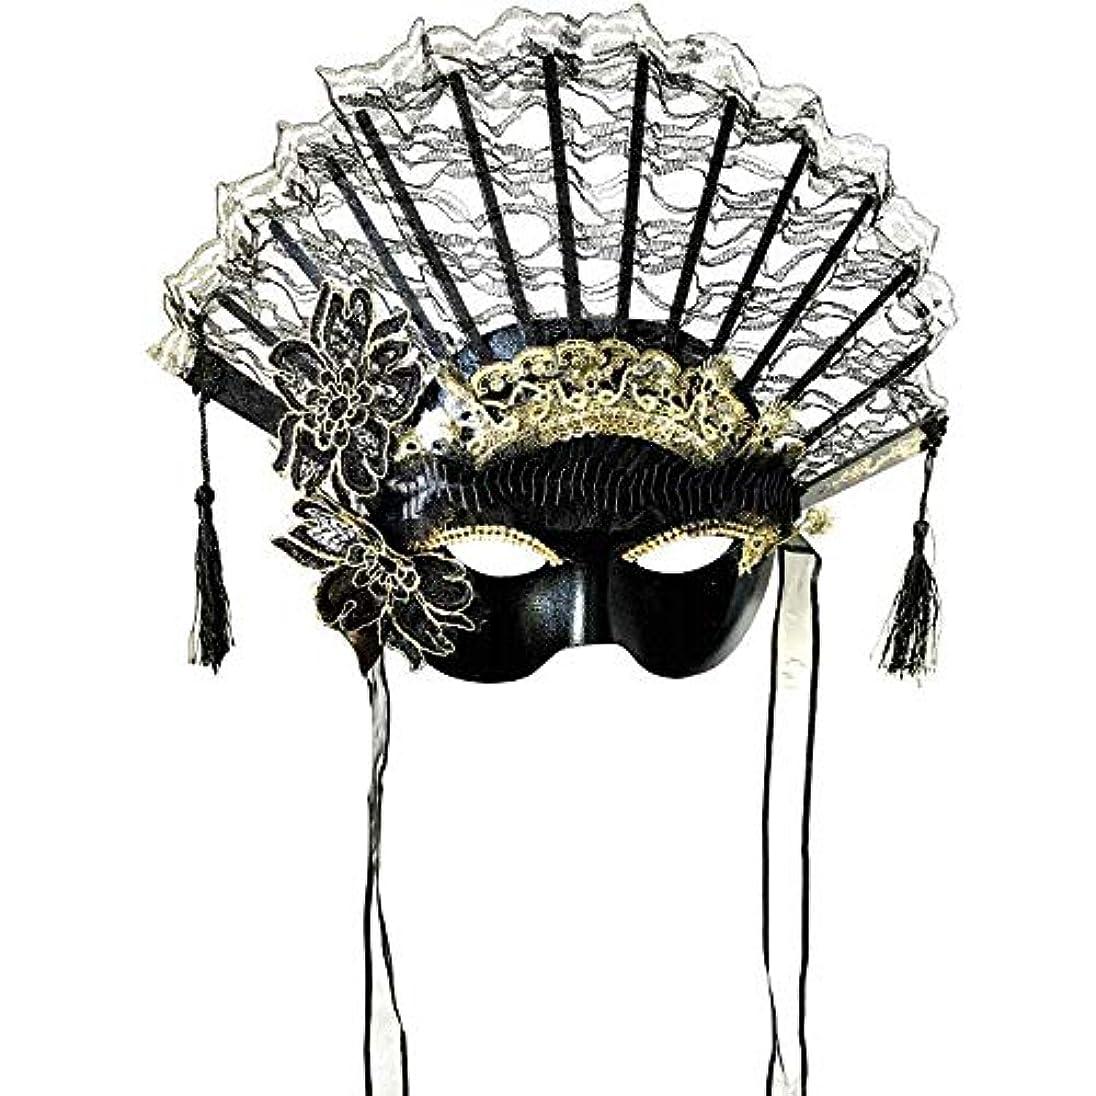 ぴったり十分ではない送料Nanle ハロウィンクリスマスレースファンシェイプフラワーフリンジビーズマスク仮装マスクレディミスプリンセス美容祭パーティーデコレーションマスク (色 : Black B)